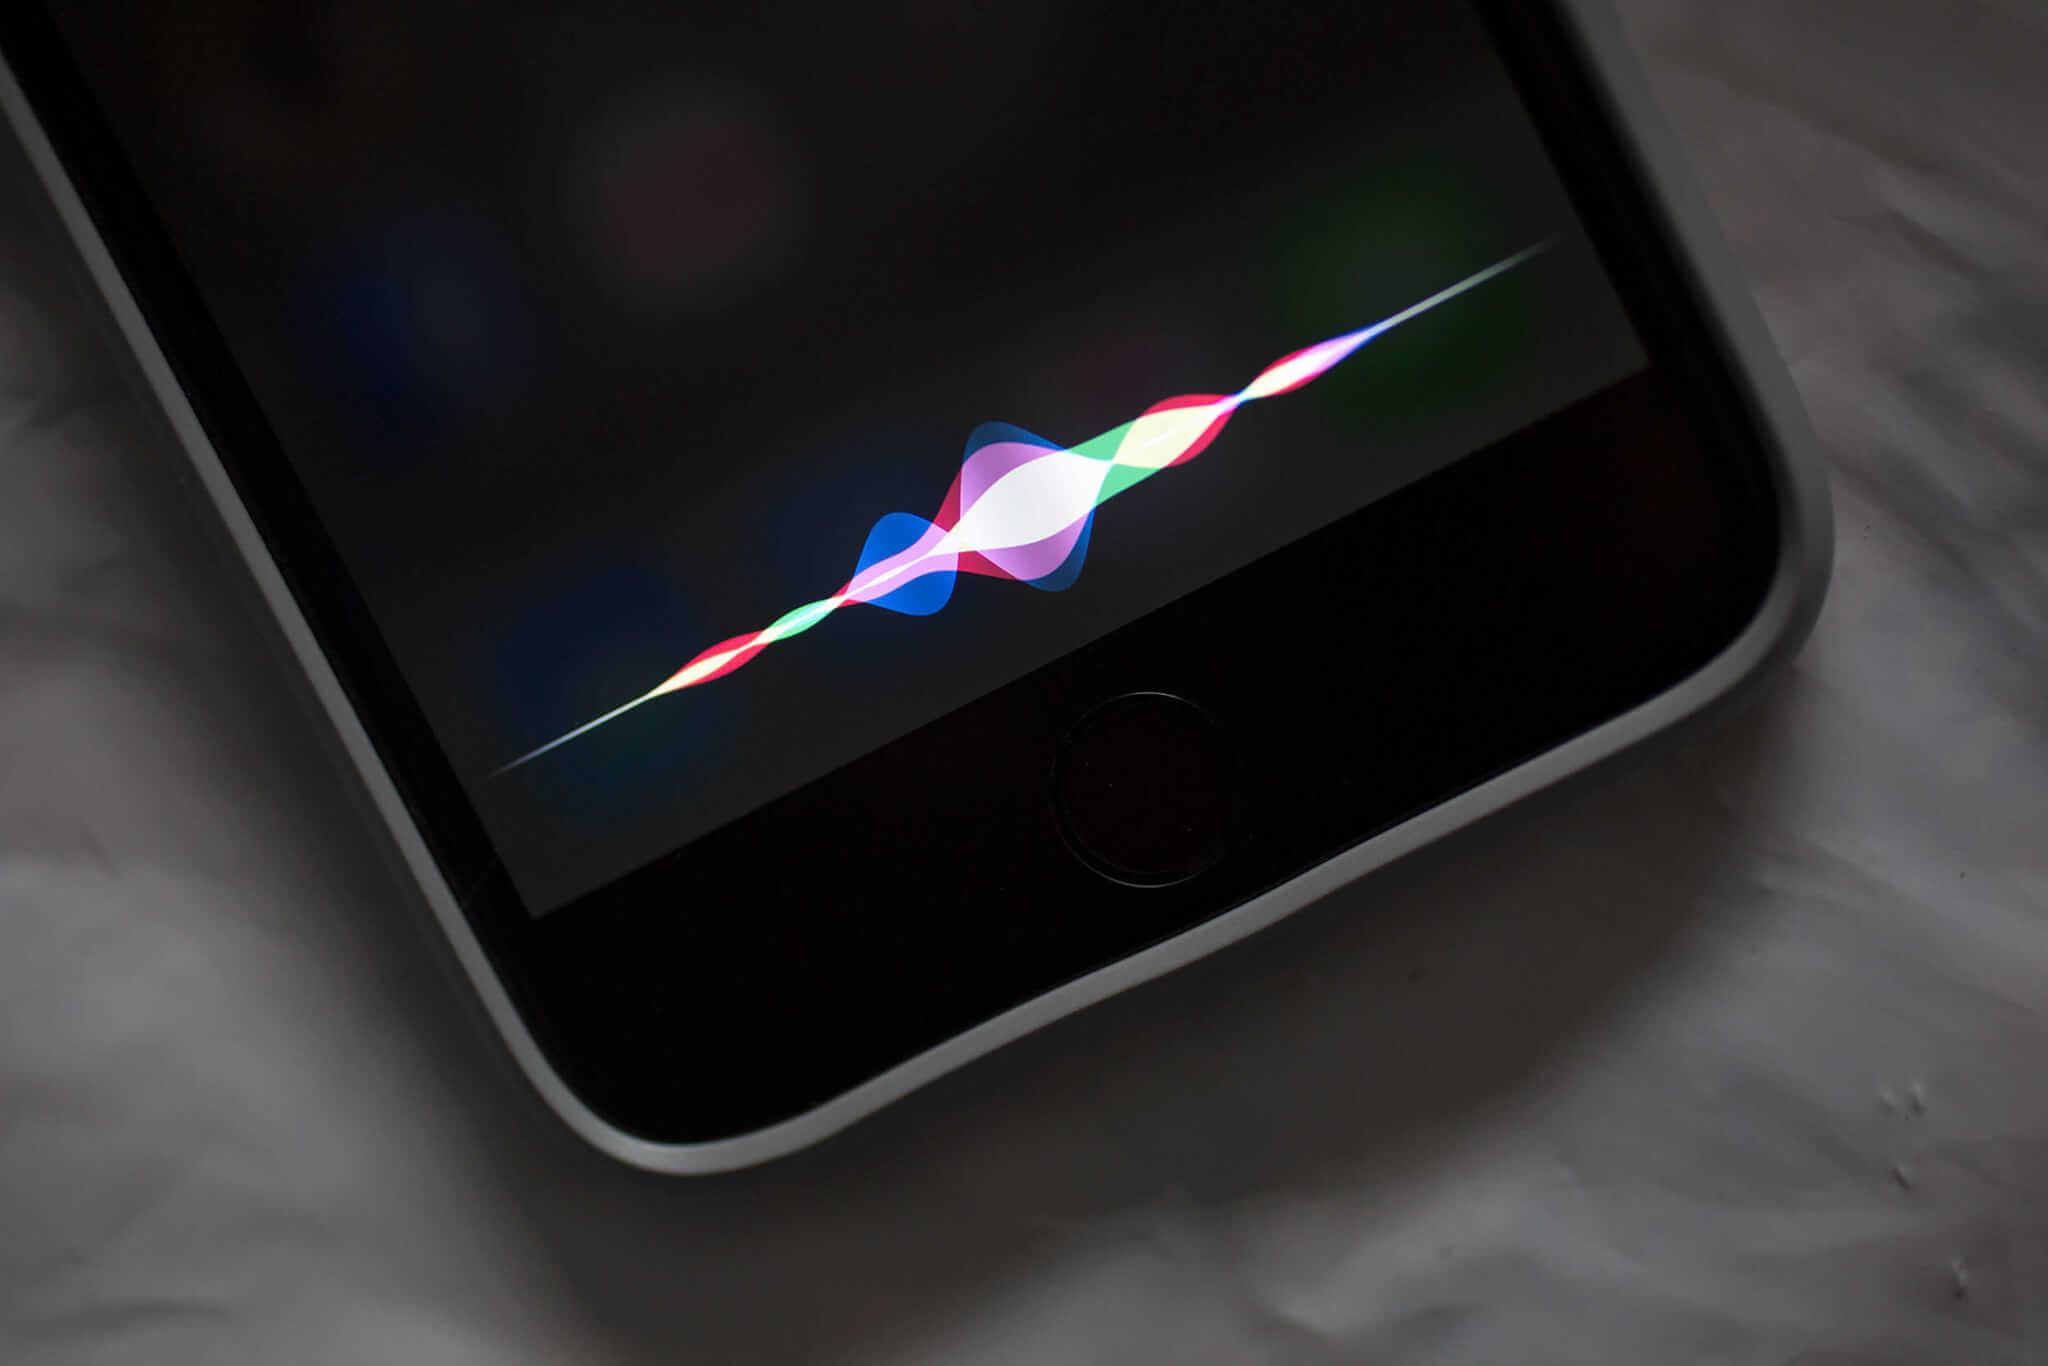 Homepod: o que dizem os reviews internacionais. O homepod da apple está prestes a ser lançado e, com isso, várias reviews estão aparecendo lá fora. Confira o que a mídia internacional está achando do produto.